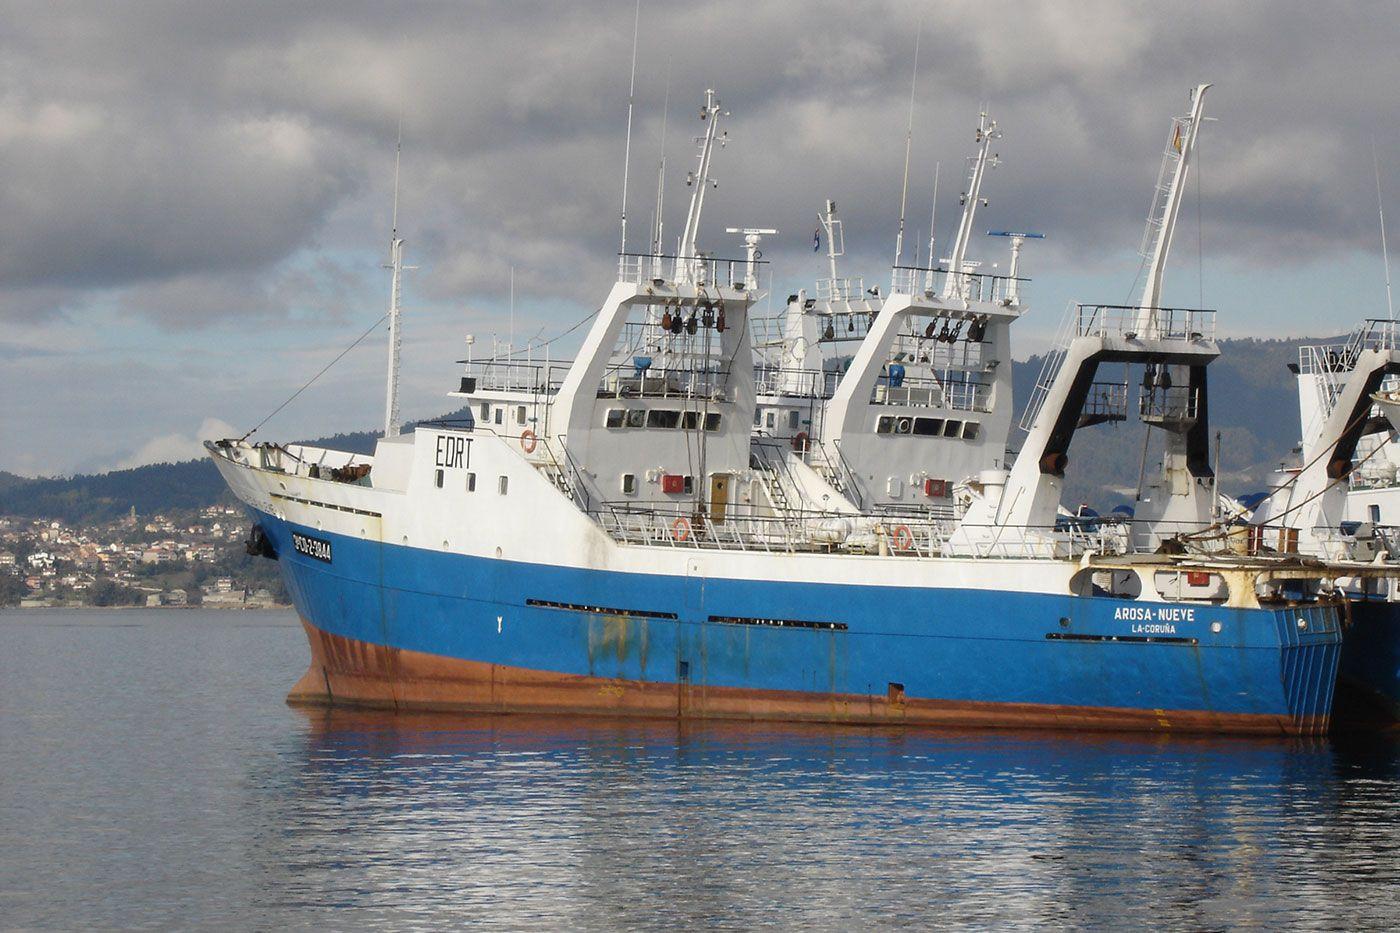 """El """"Arosa Nueve"""", en el puerto"""